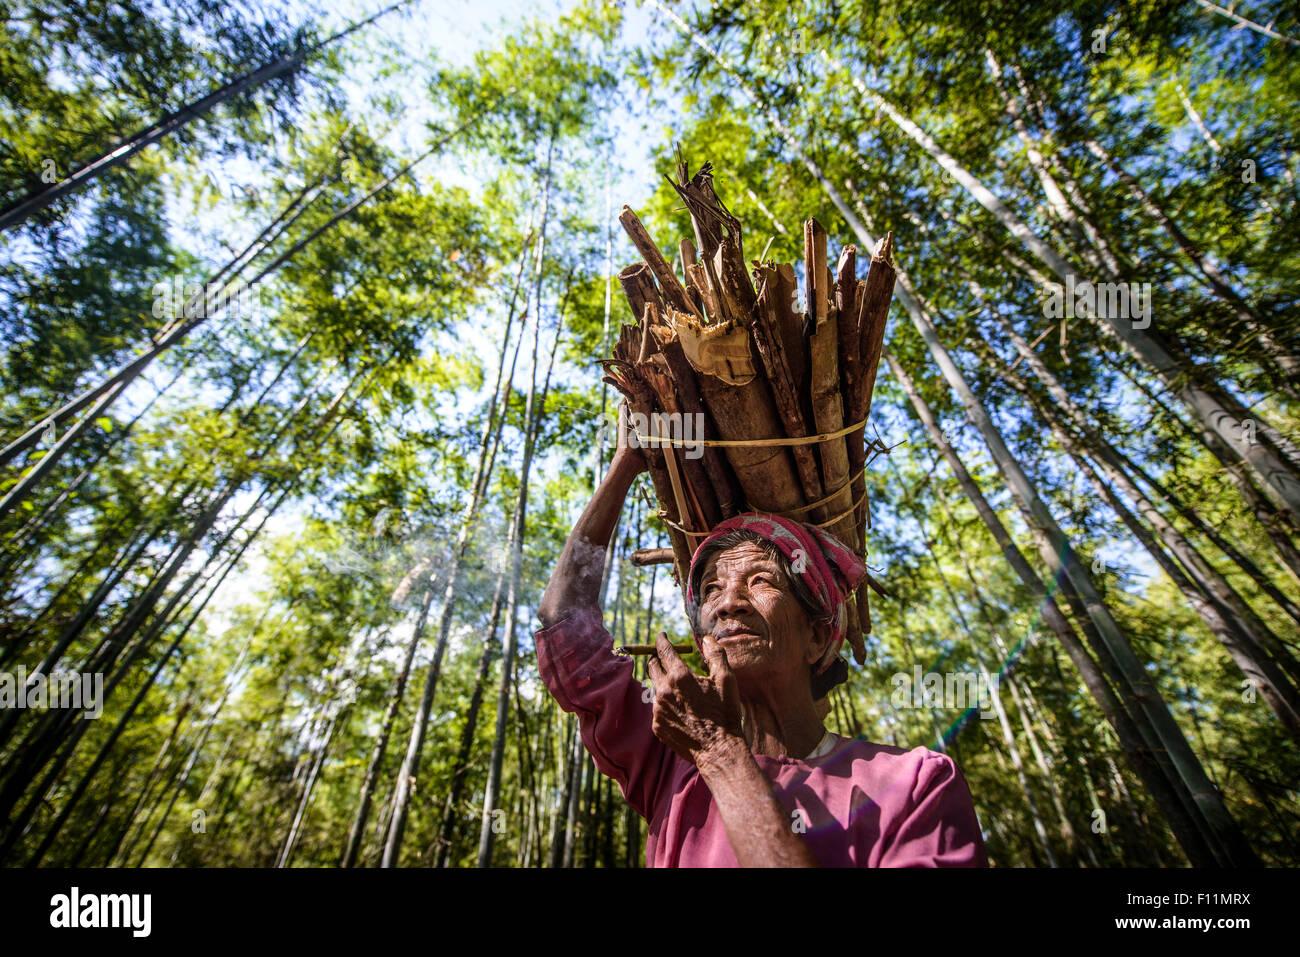 Ángulo de visión baja de hombre asiático llevando stick bundle en su cabeza Imagen De Stock